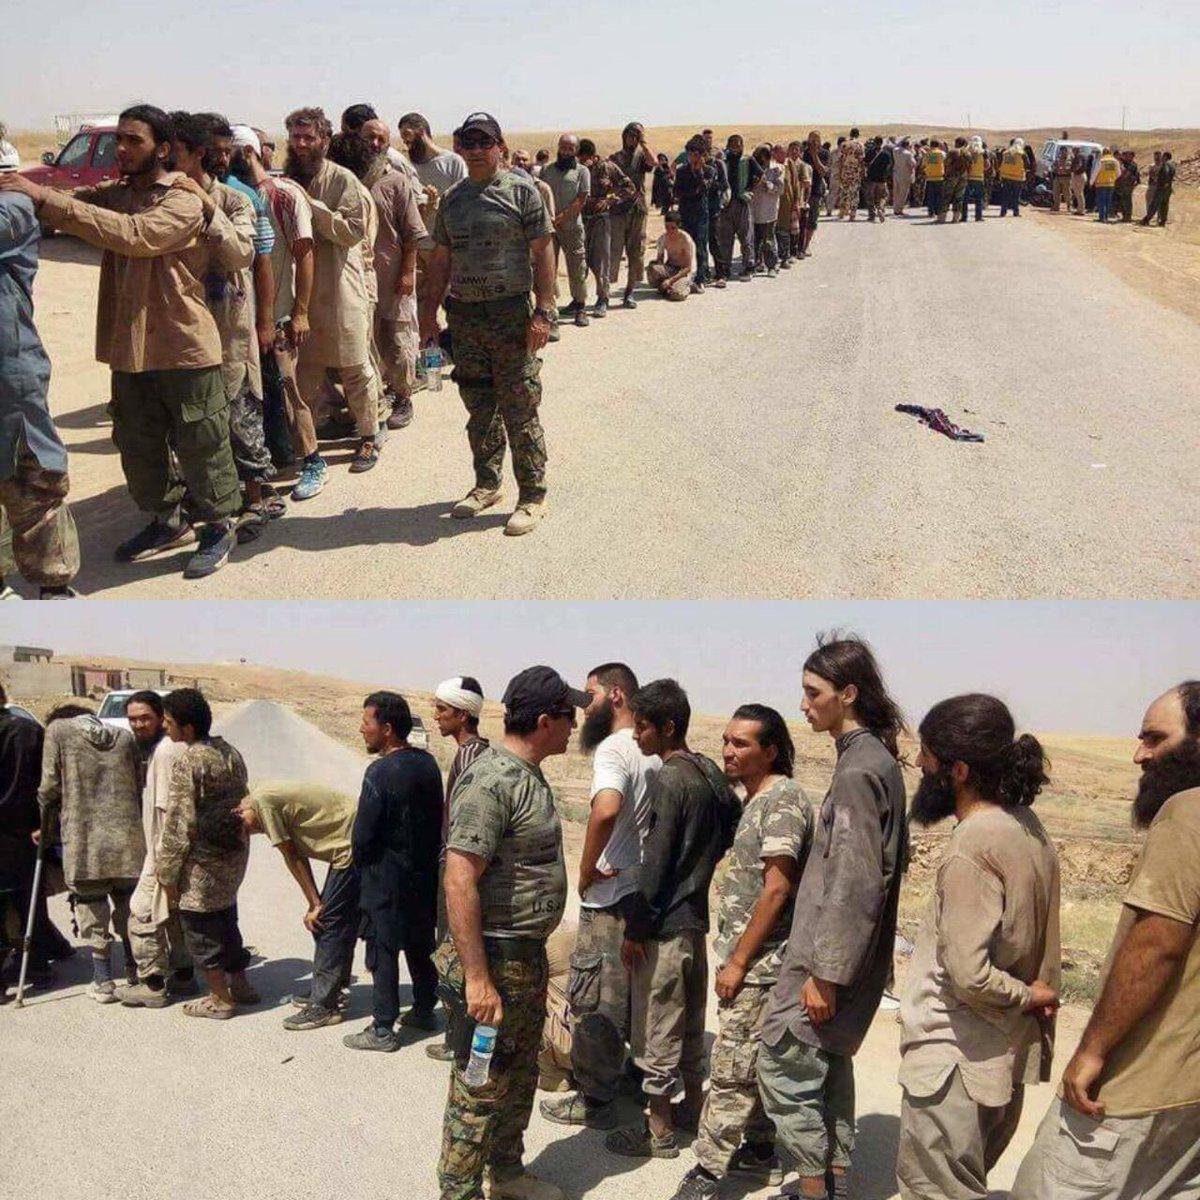 للفترة من 20-29اب عديد من ألقت القبض عليه قوات البيشمركة من فلول #داعش الهاربة من #العياضية بلغ +400 داعشي، فقط ب72 ساعة الماضية عديدهم +260